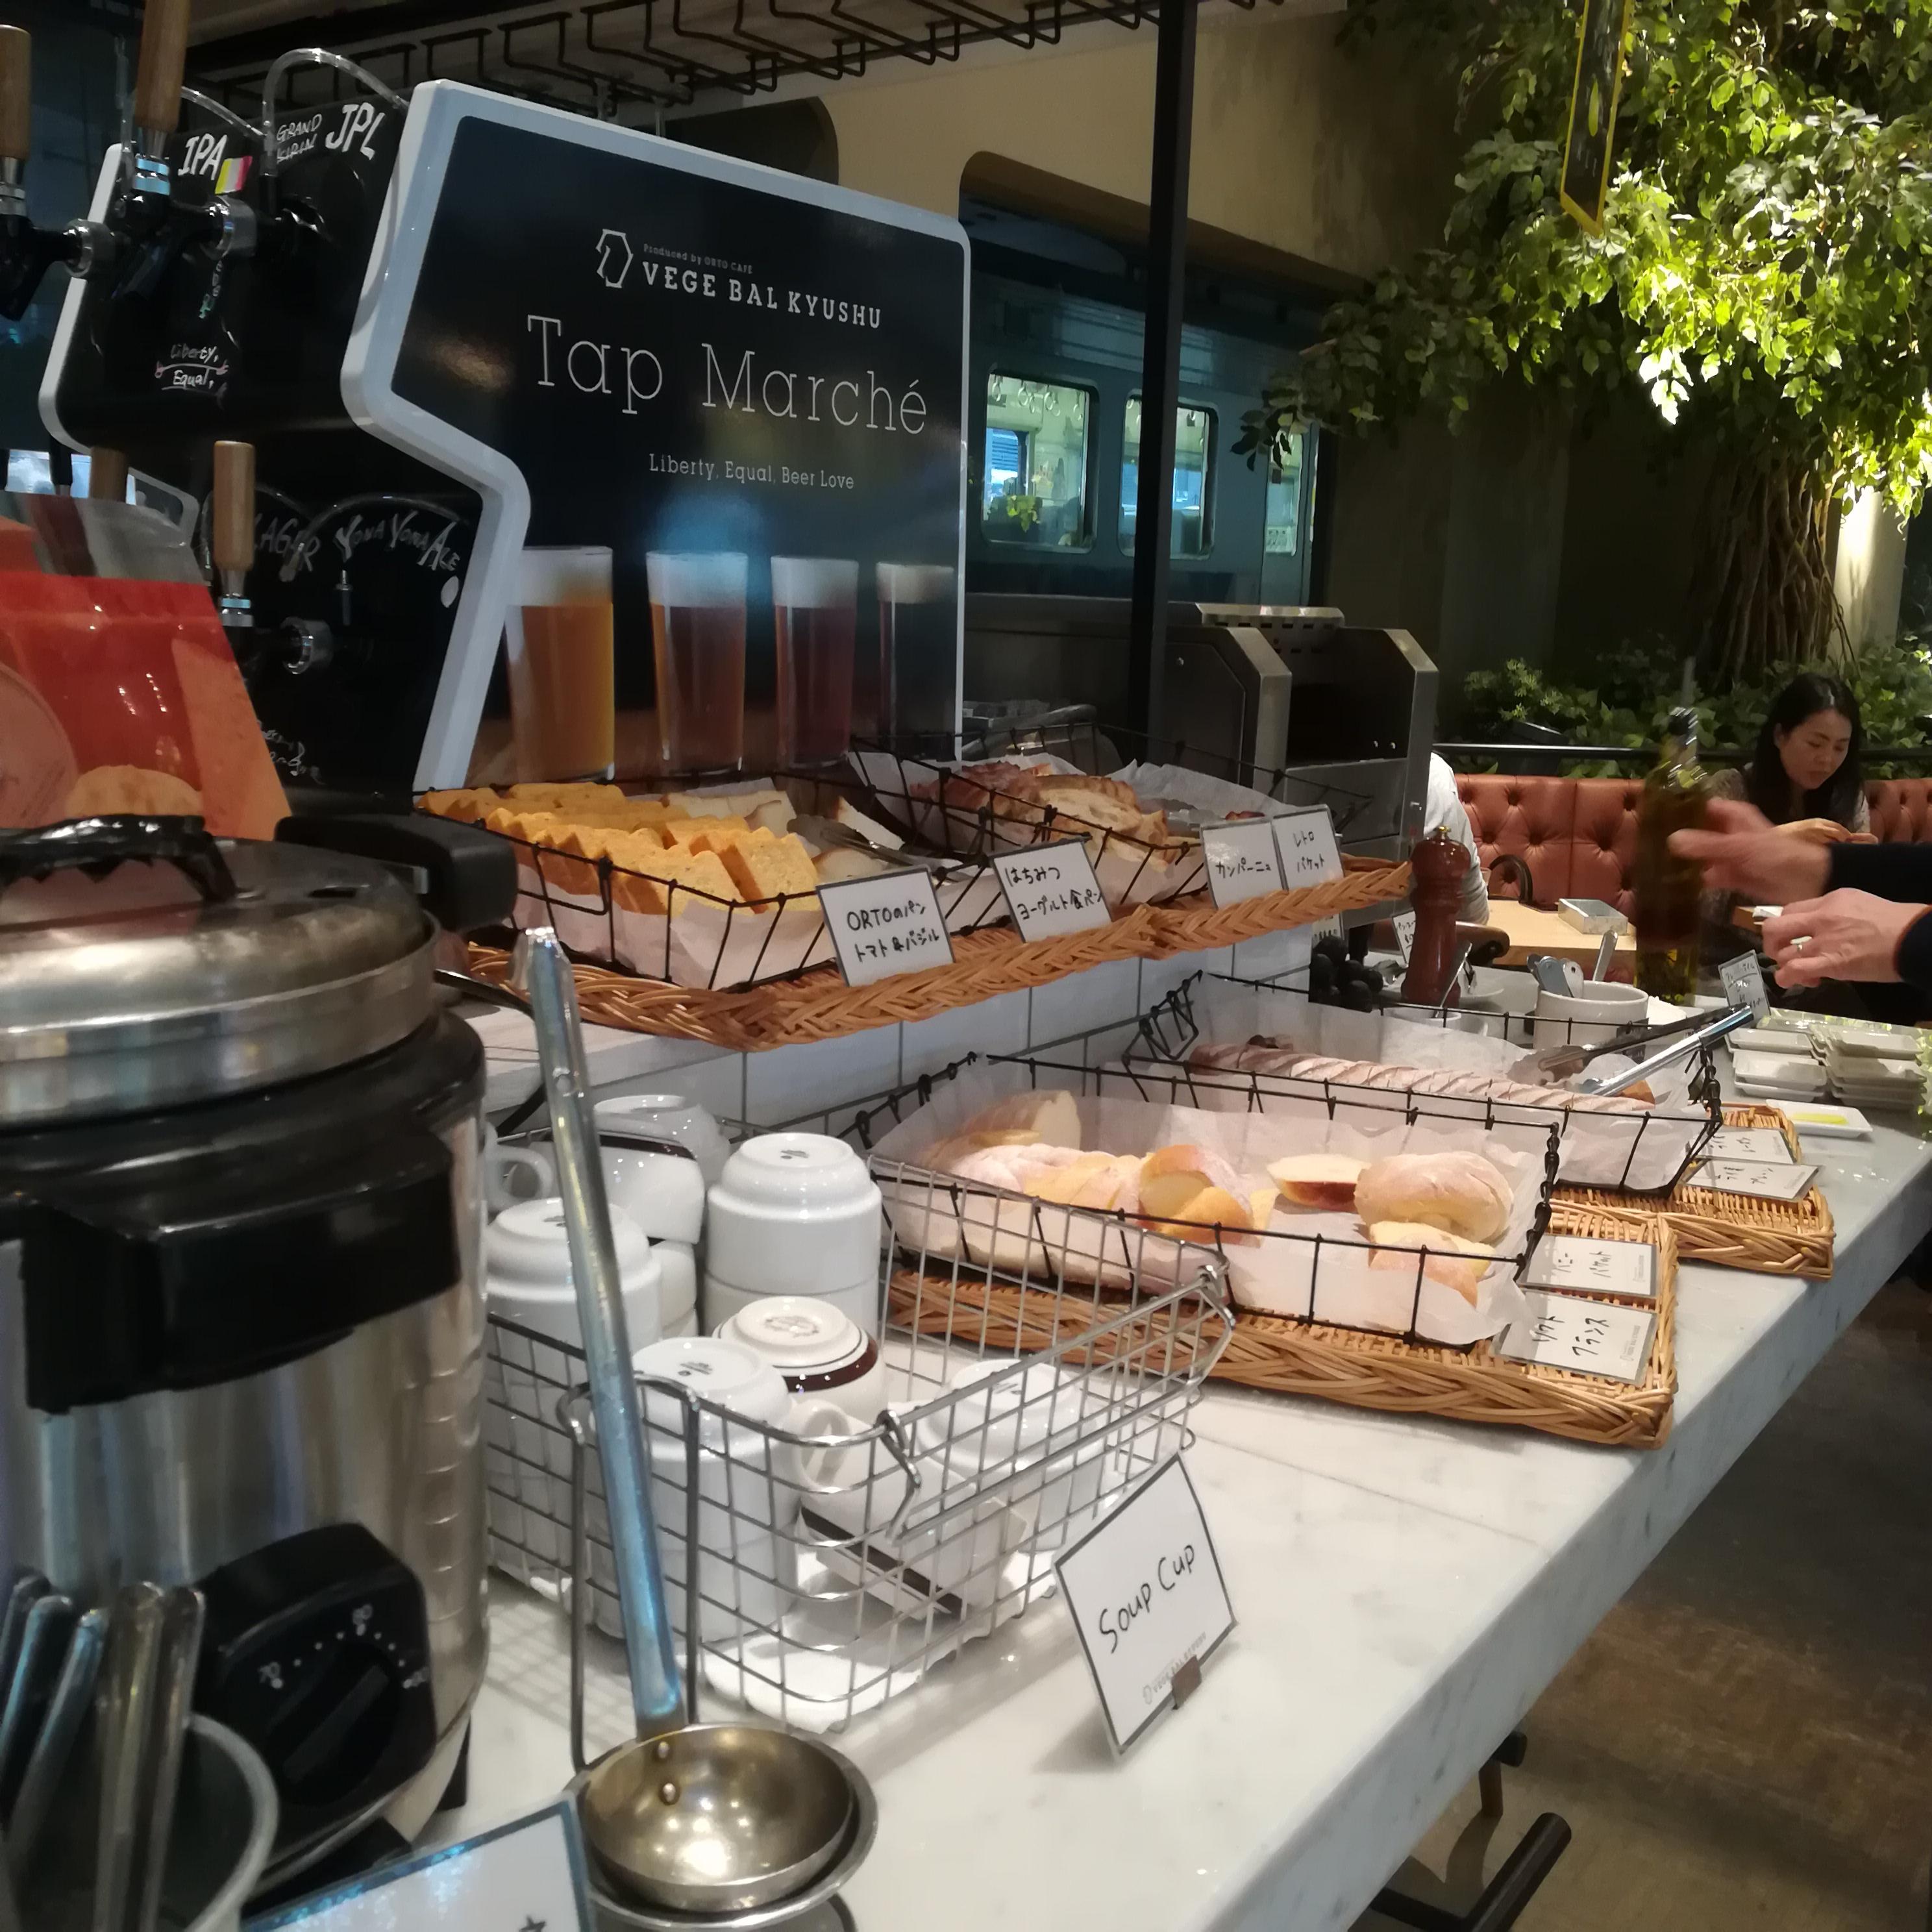 ベジバル キュウシュウ(VEGEBAL KYUSHU)のパンとスープ